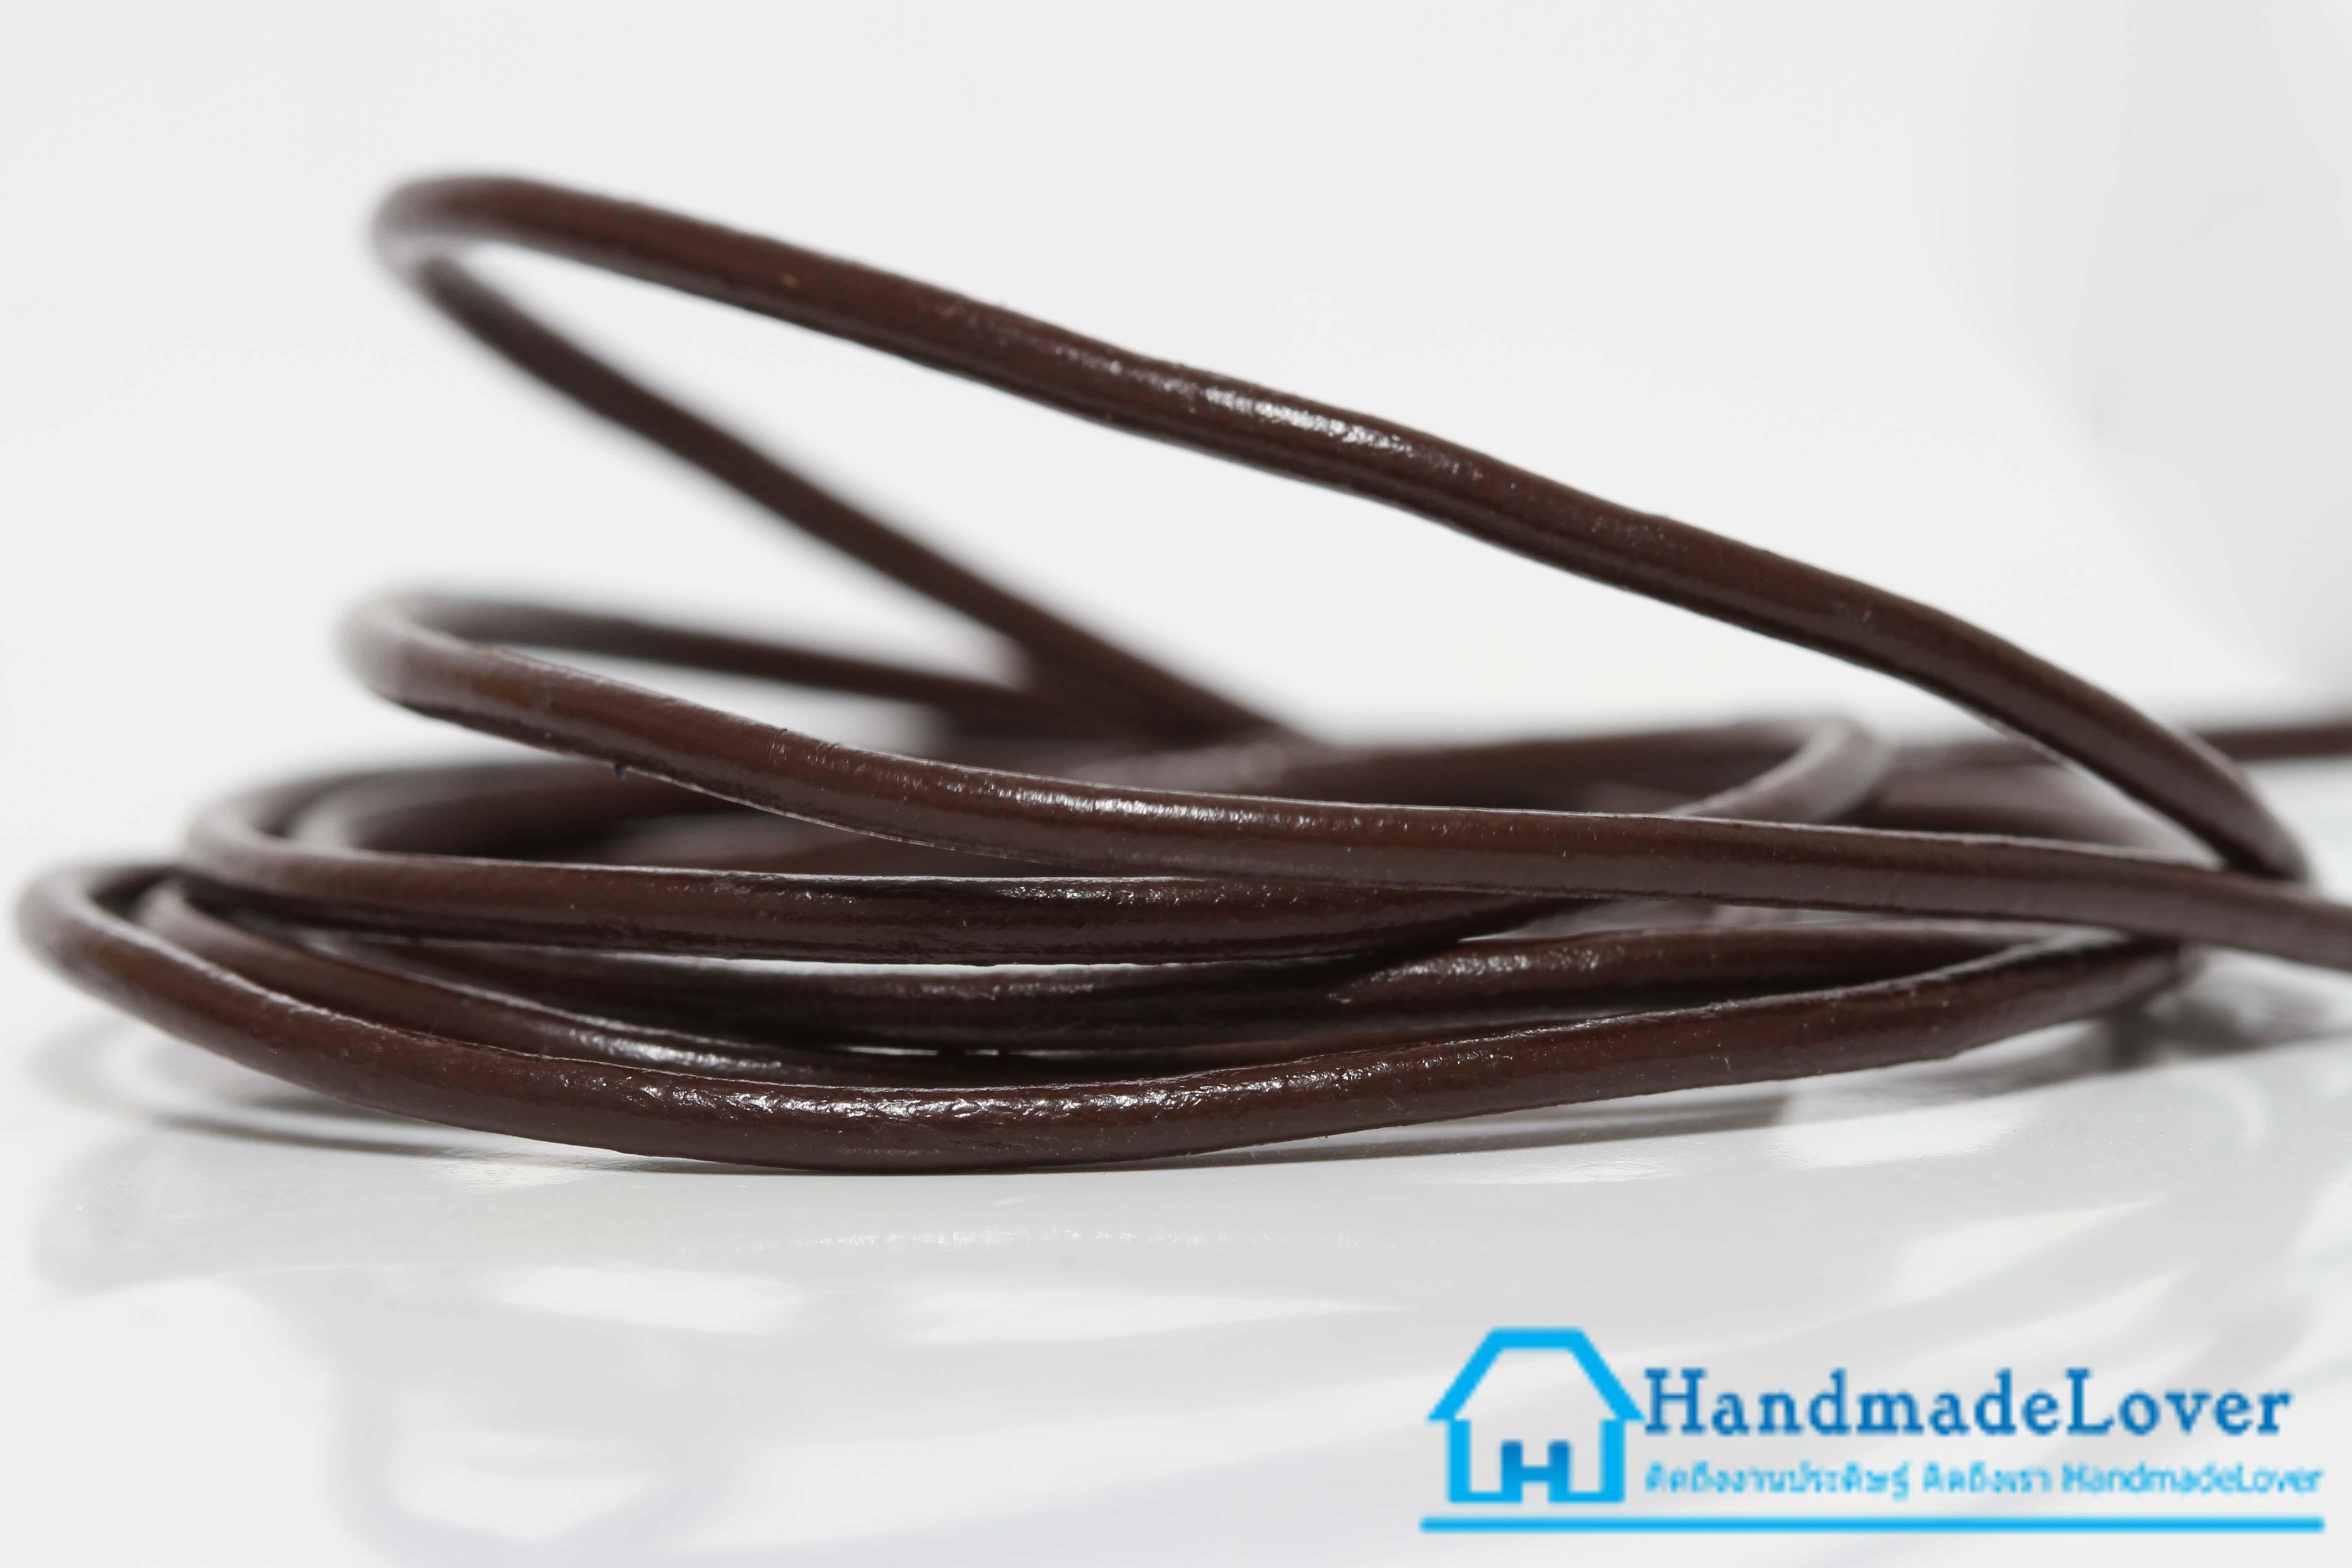 เชือกหนังกลม ผิวมัน สีน้ำตาลไหม้ ขนาด กว้าง 1.5 mm.